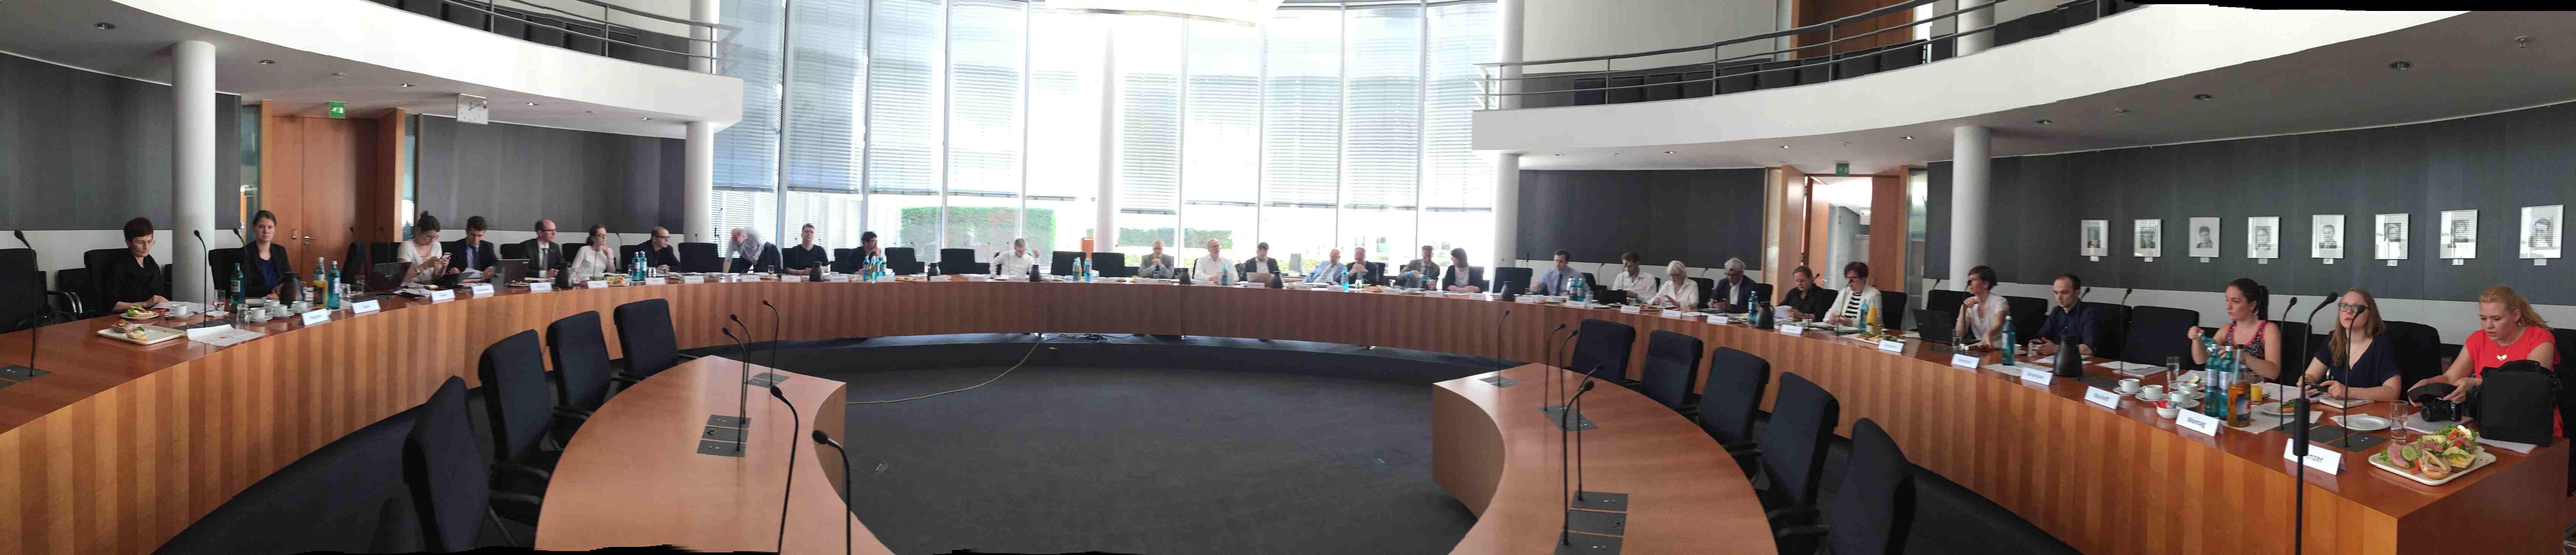 EBD-Vorstand auf der Zielgeraden: Letzte Sitzung vor der Mitgliederversammlung 2017